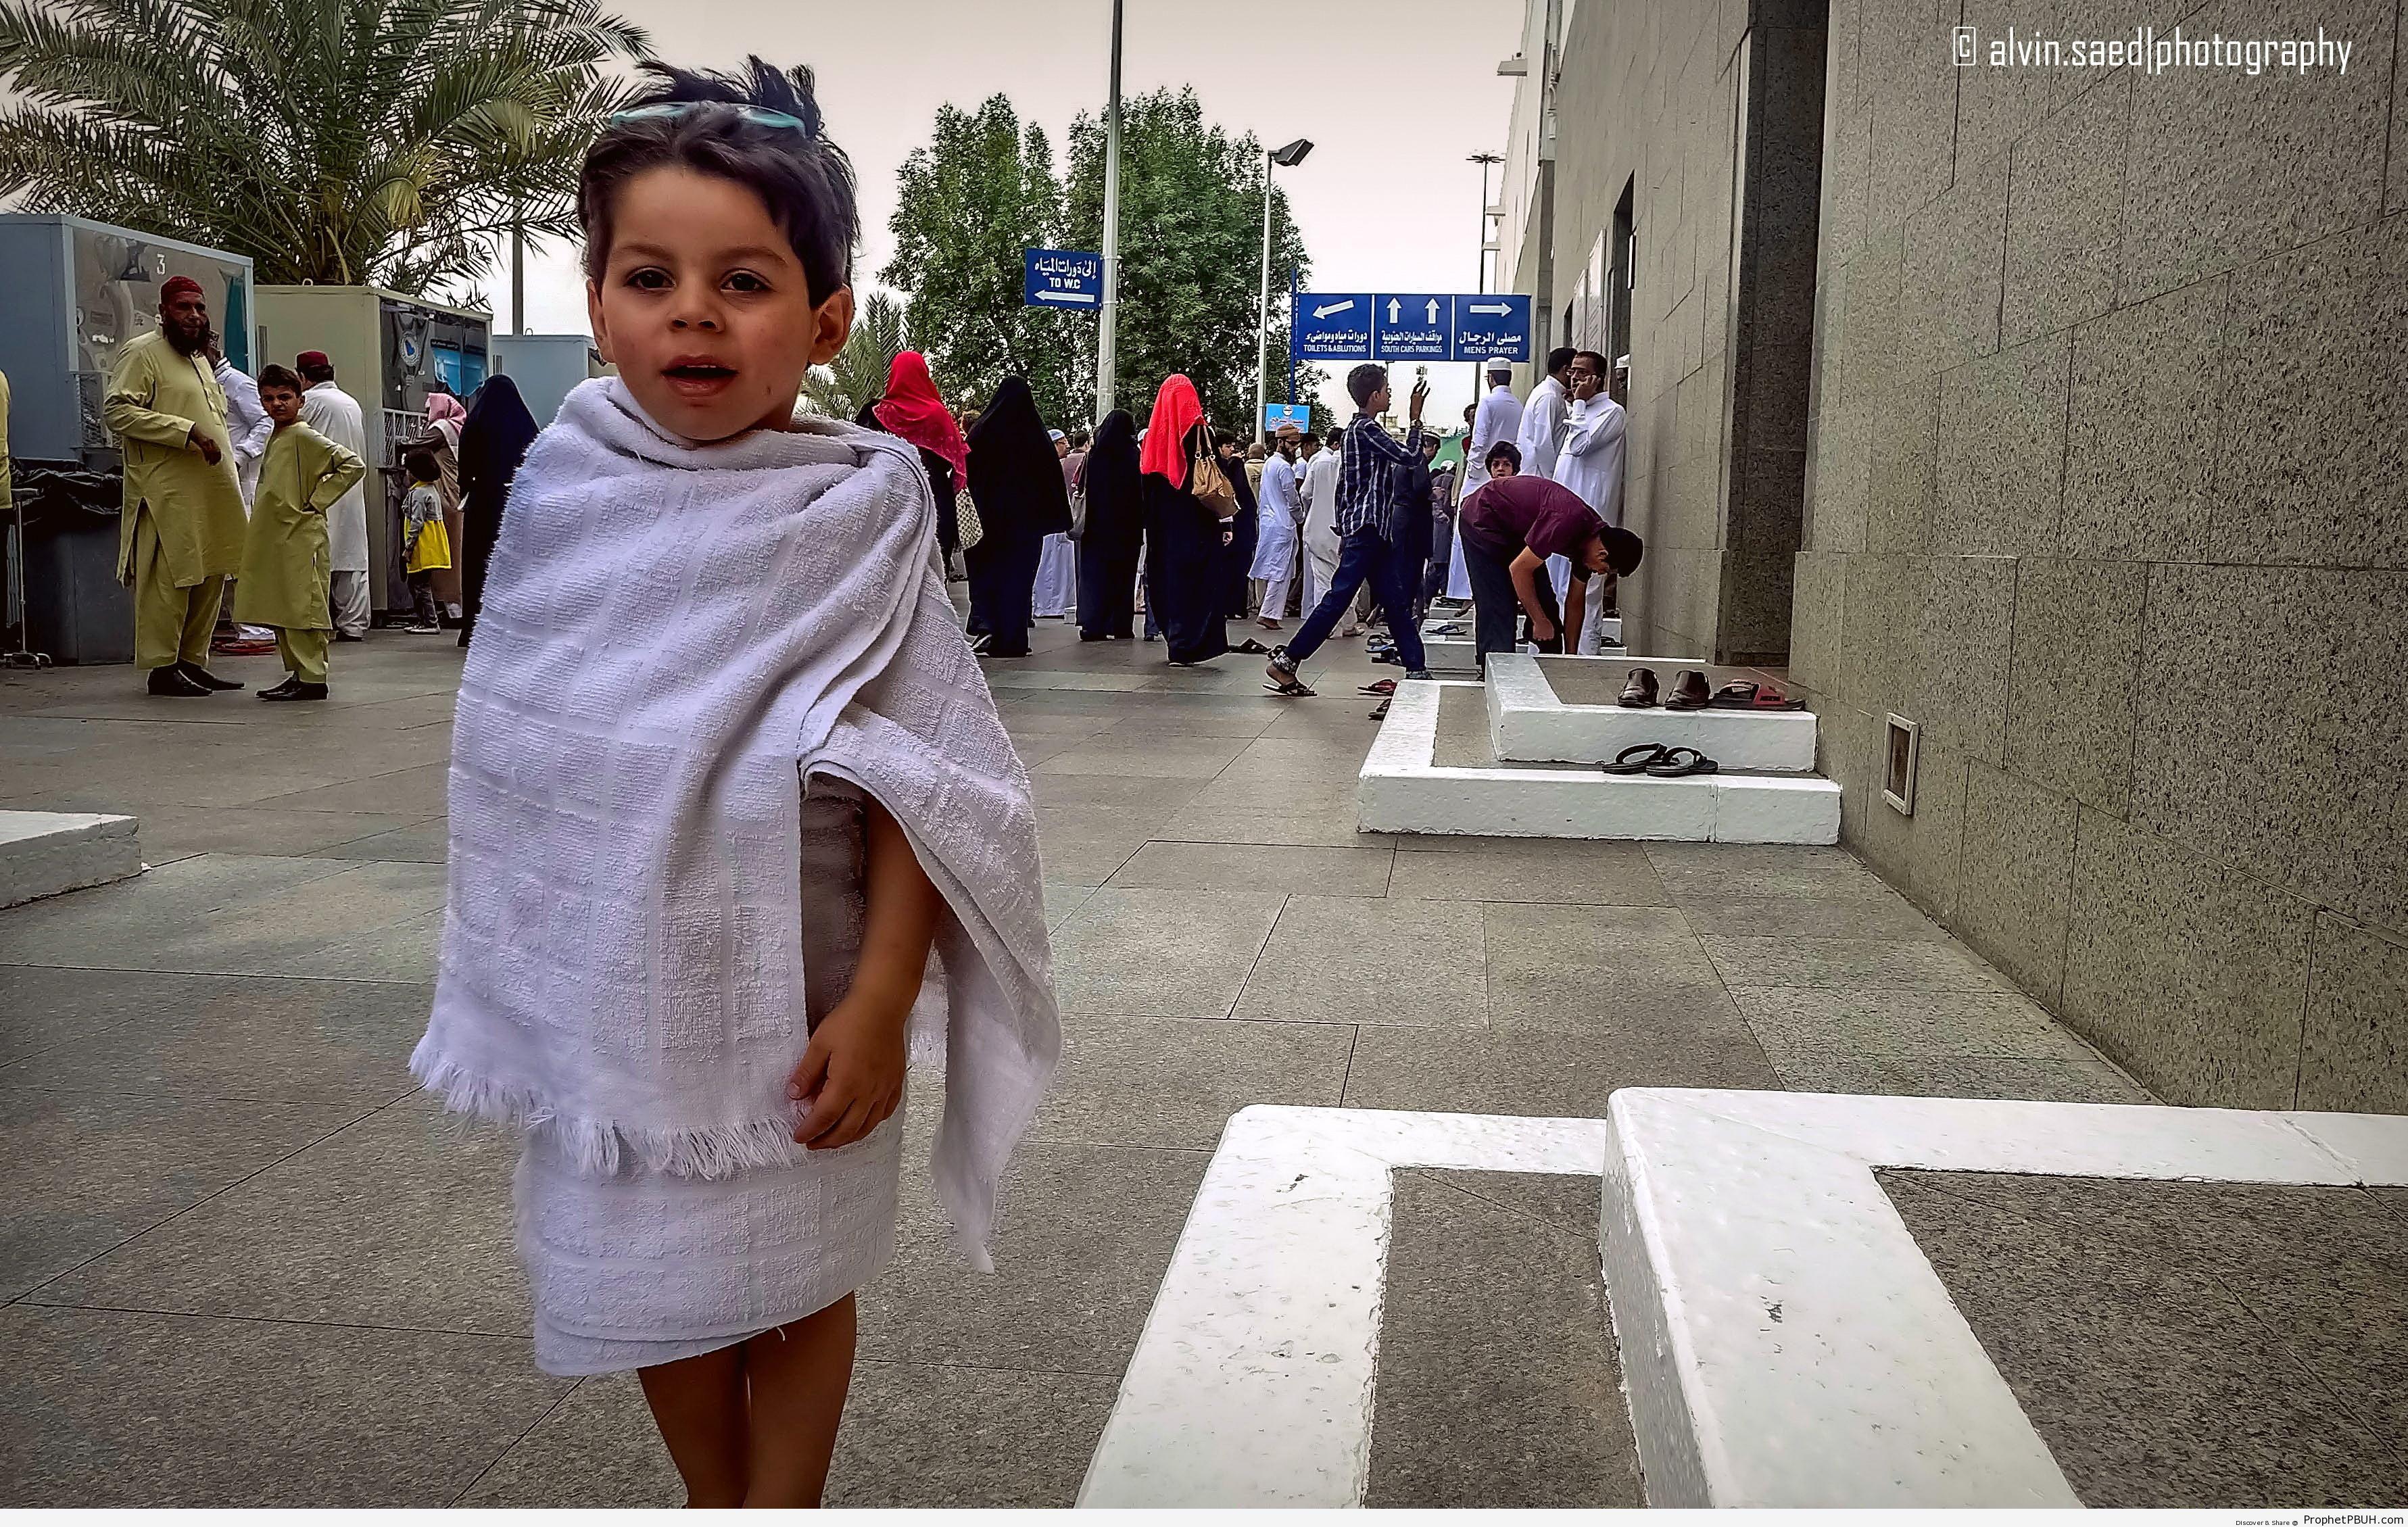 Boy in Ihram Clothes - Artist- Alvin A. Saed